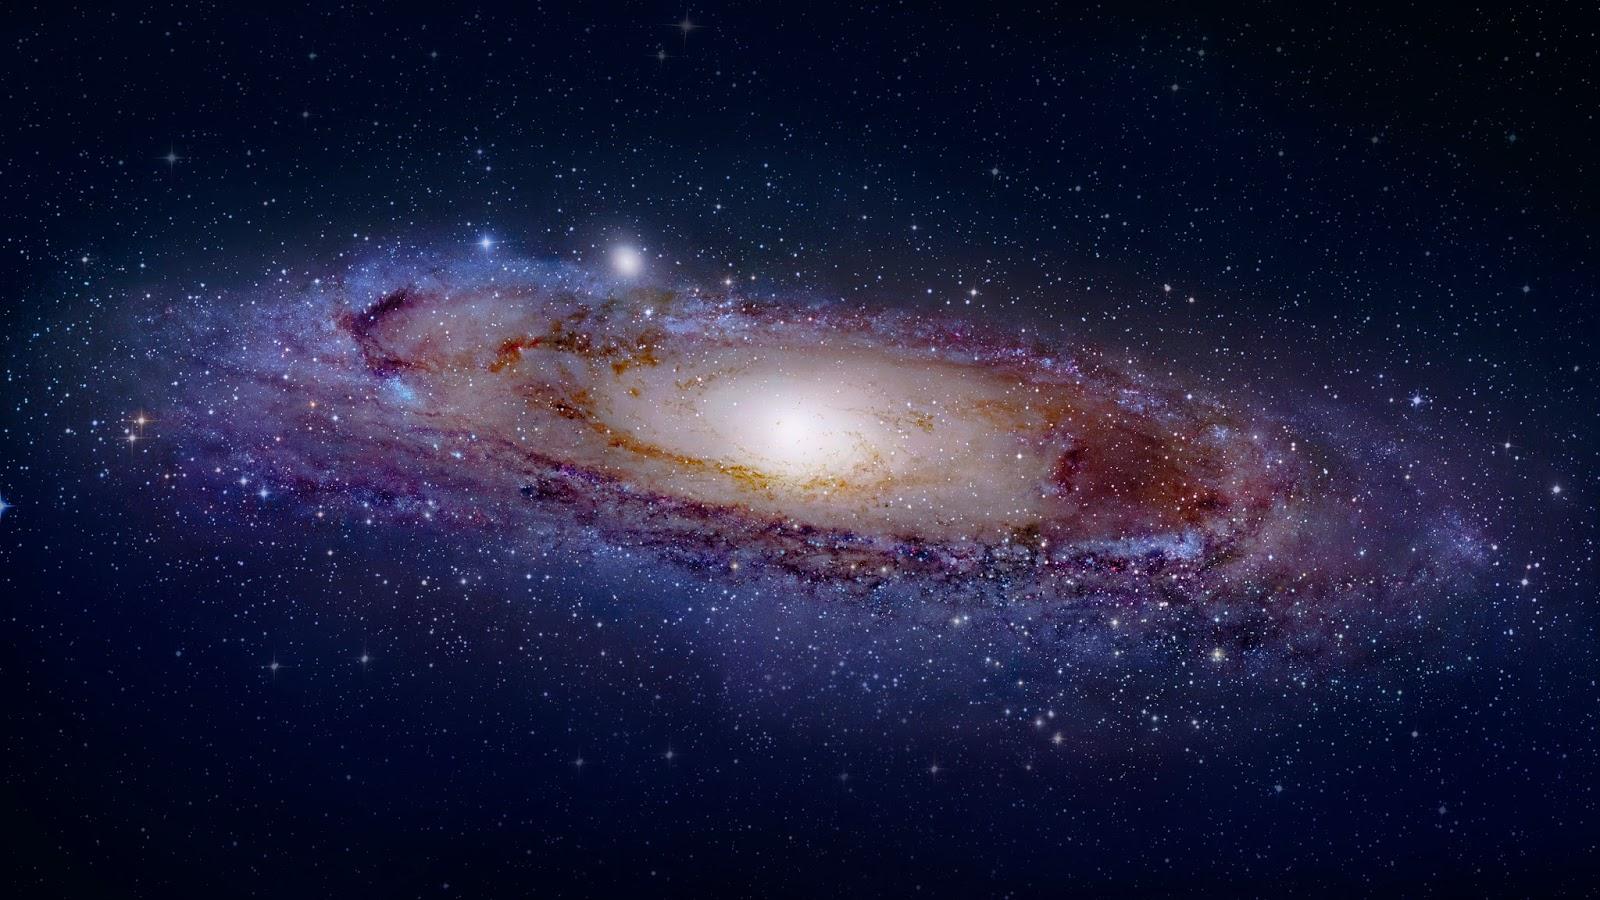 andromeda galaxy exoplanets wallpaper - photo #22